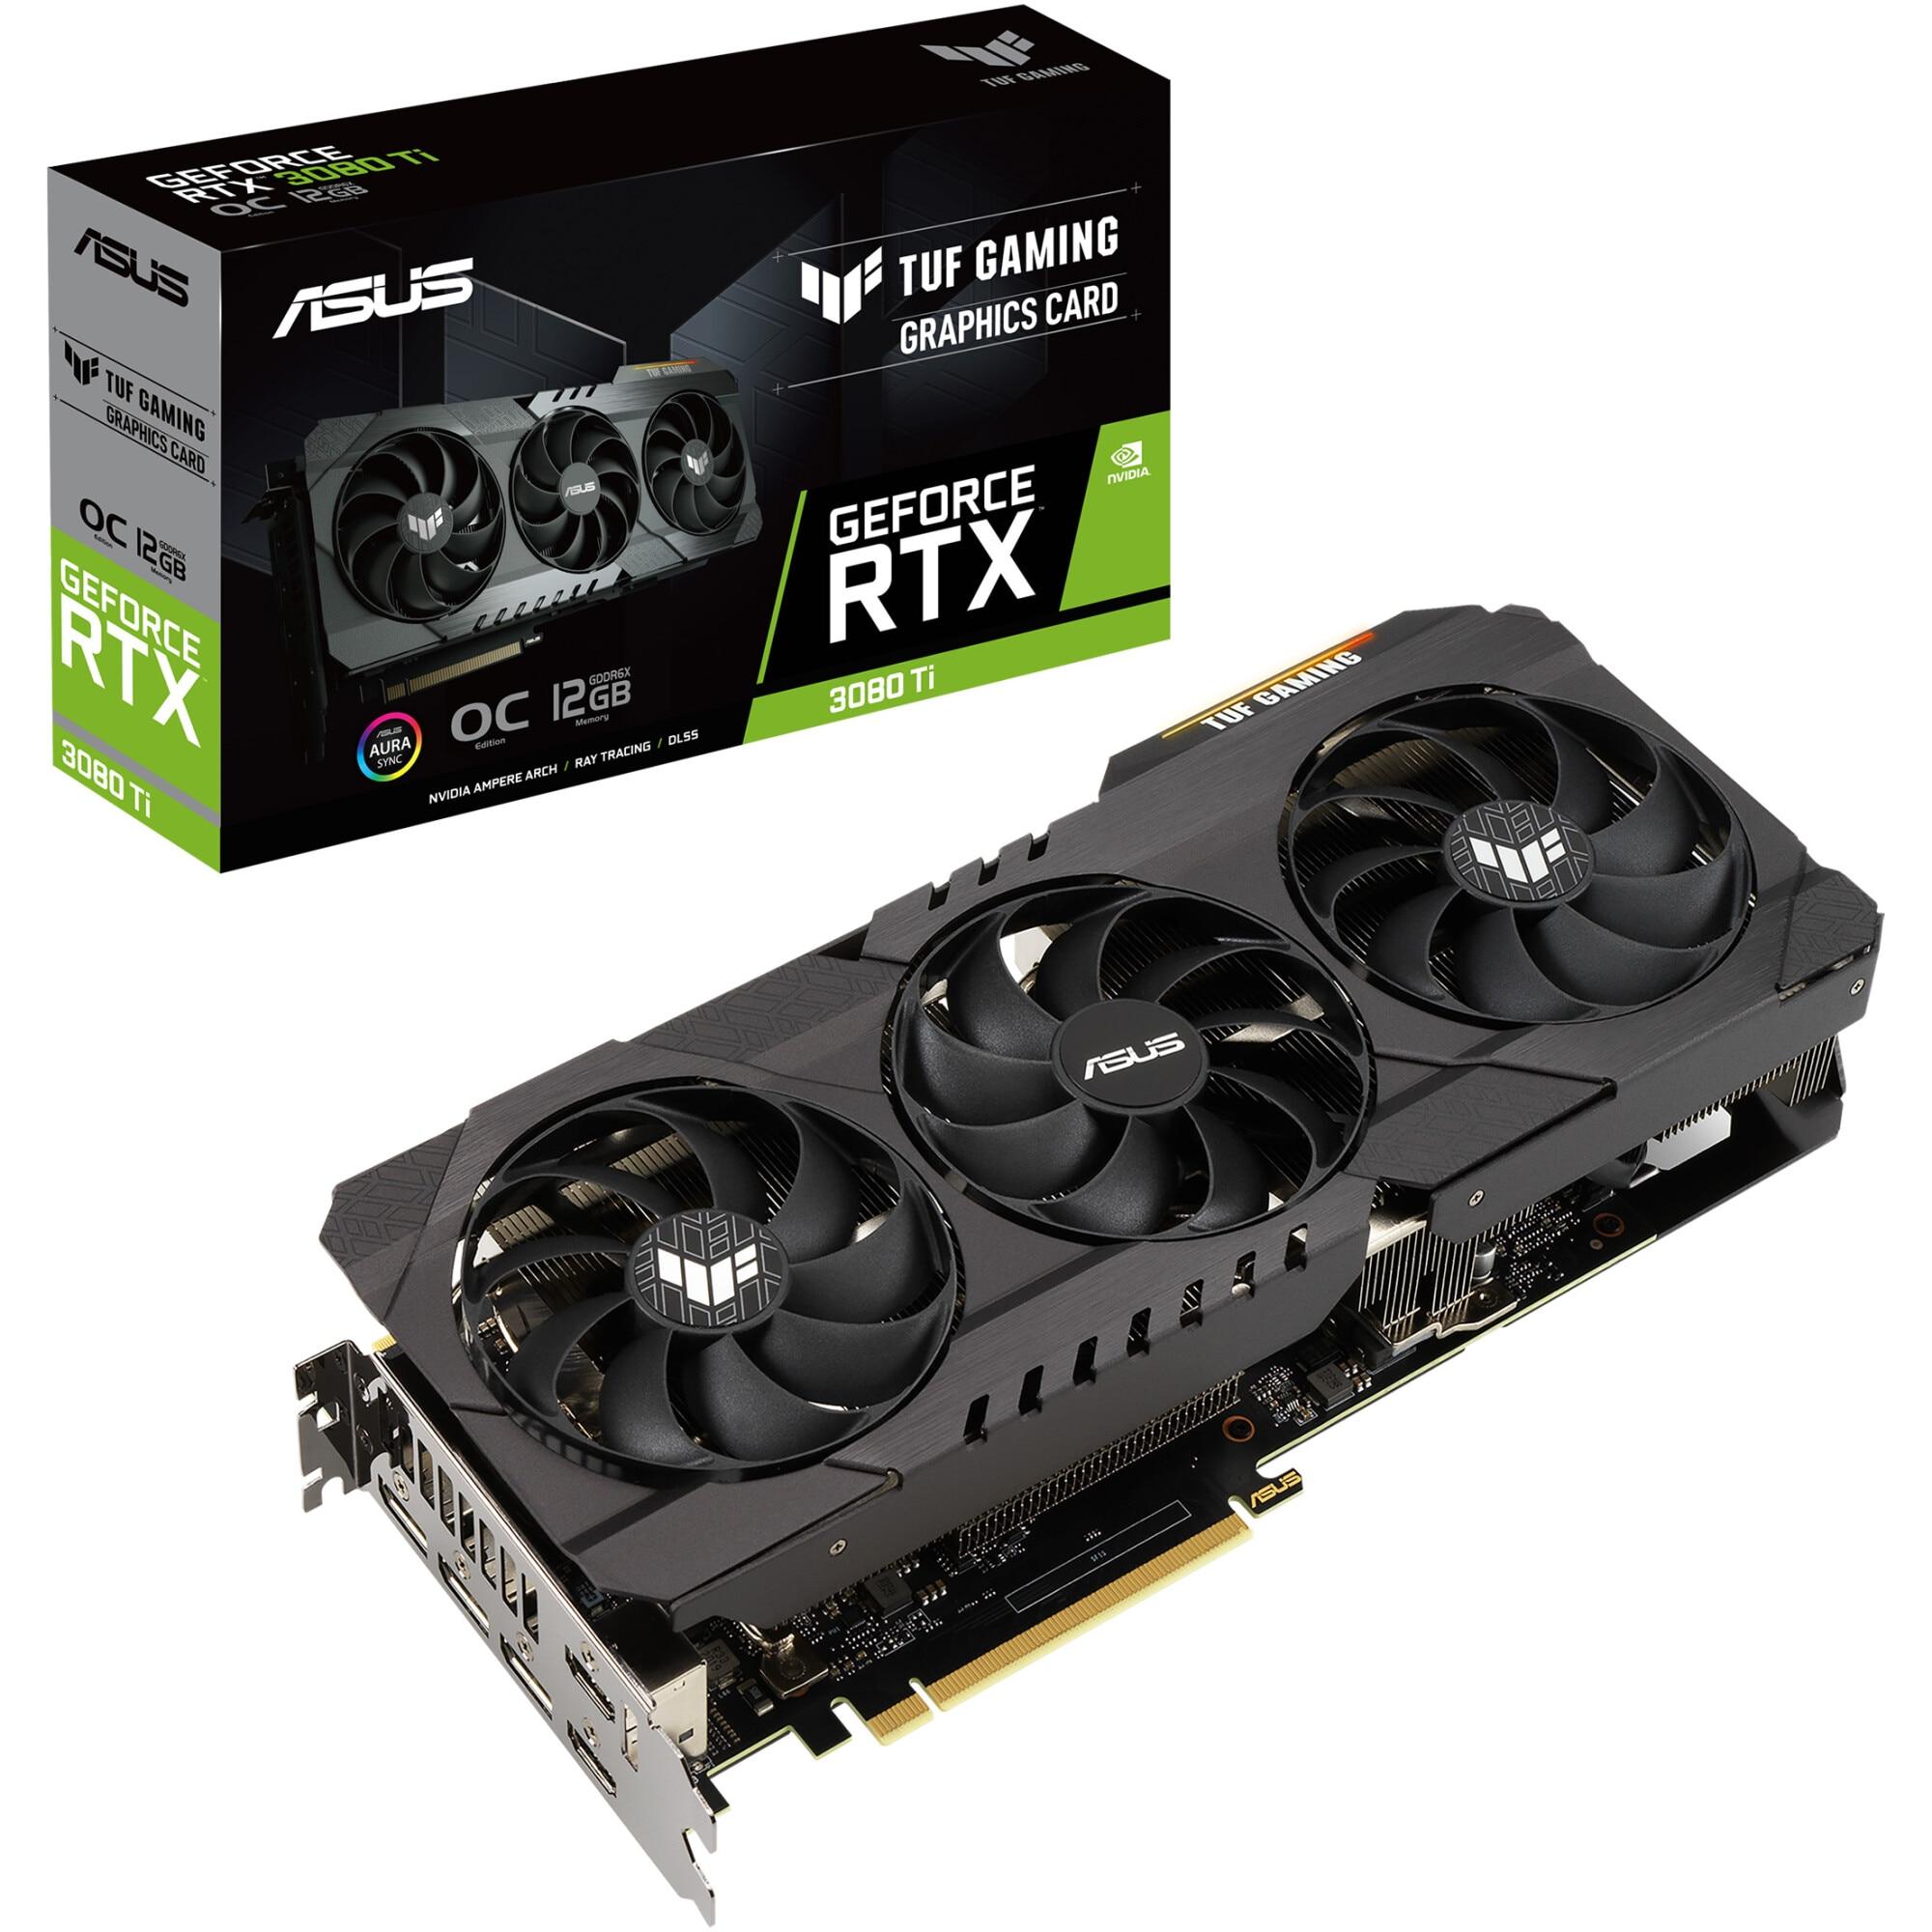 Fotografie Placa video ASUS TUF GAMING GeForce® RTX™ 3080 Ti OC, 12GB GDDR6X, 384-bit